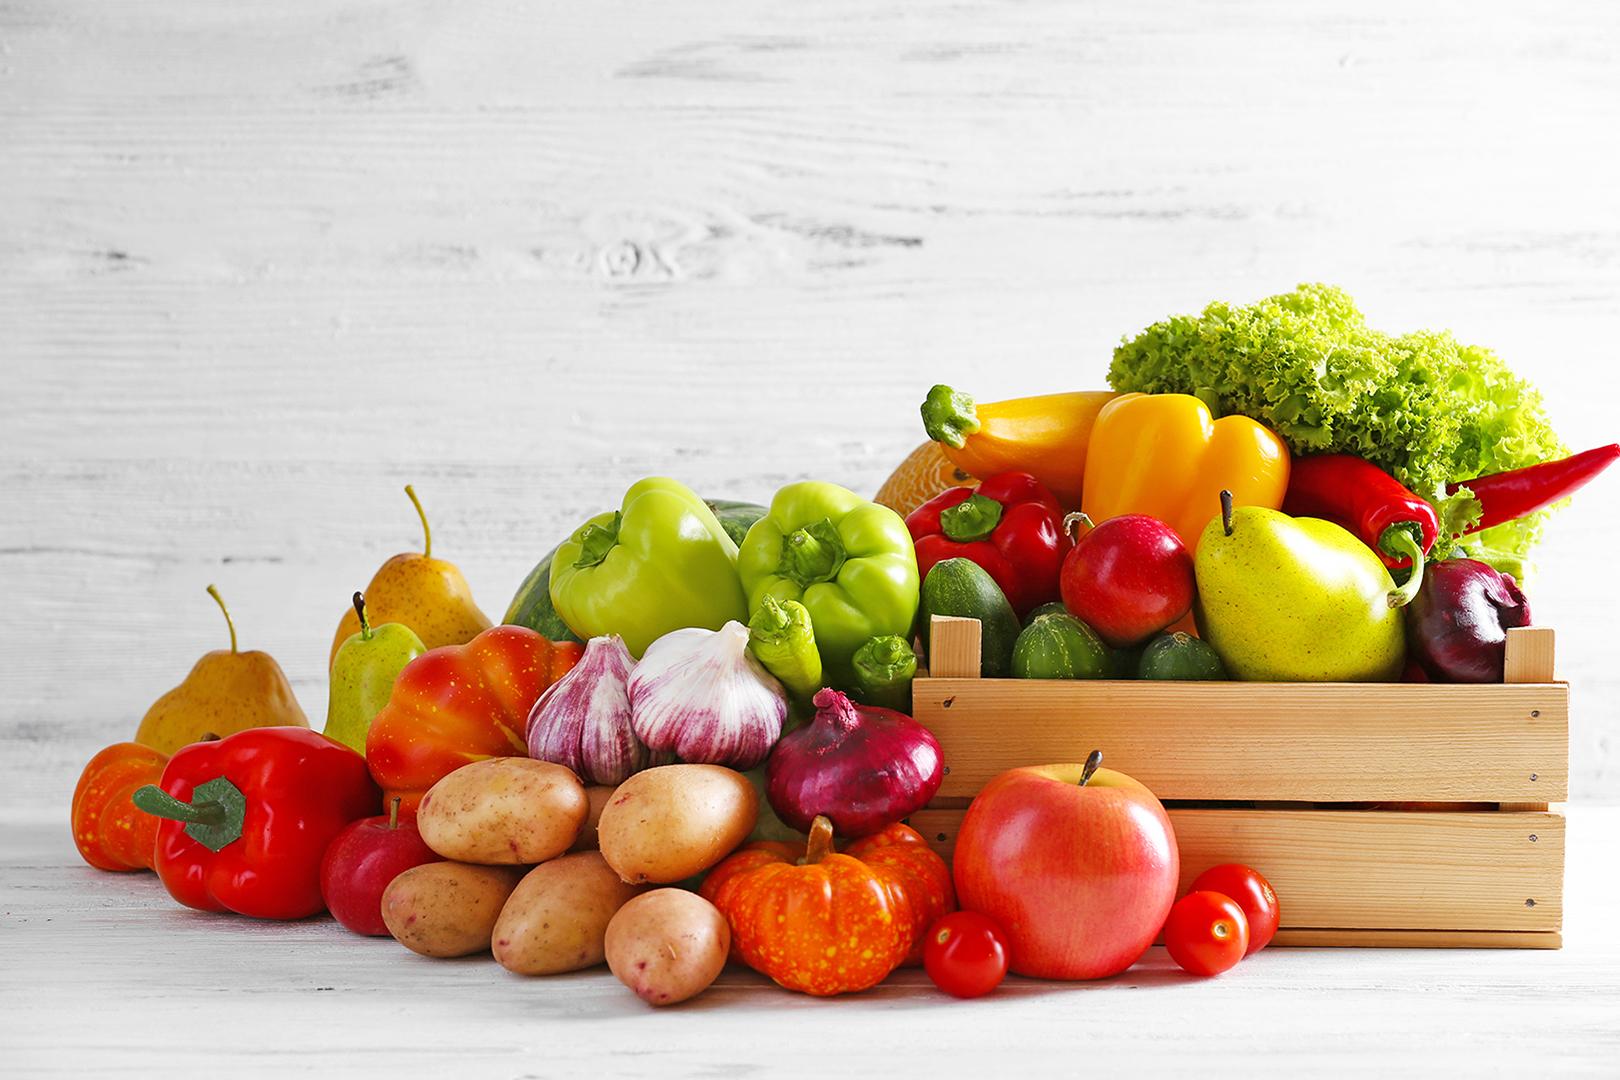 ¿Cómo bajar el colesterol alto con una dieta saludable? Estos son los alimentos que recomiendan expertos3 min read